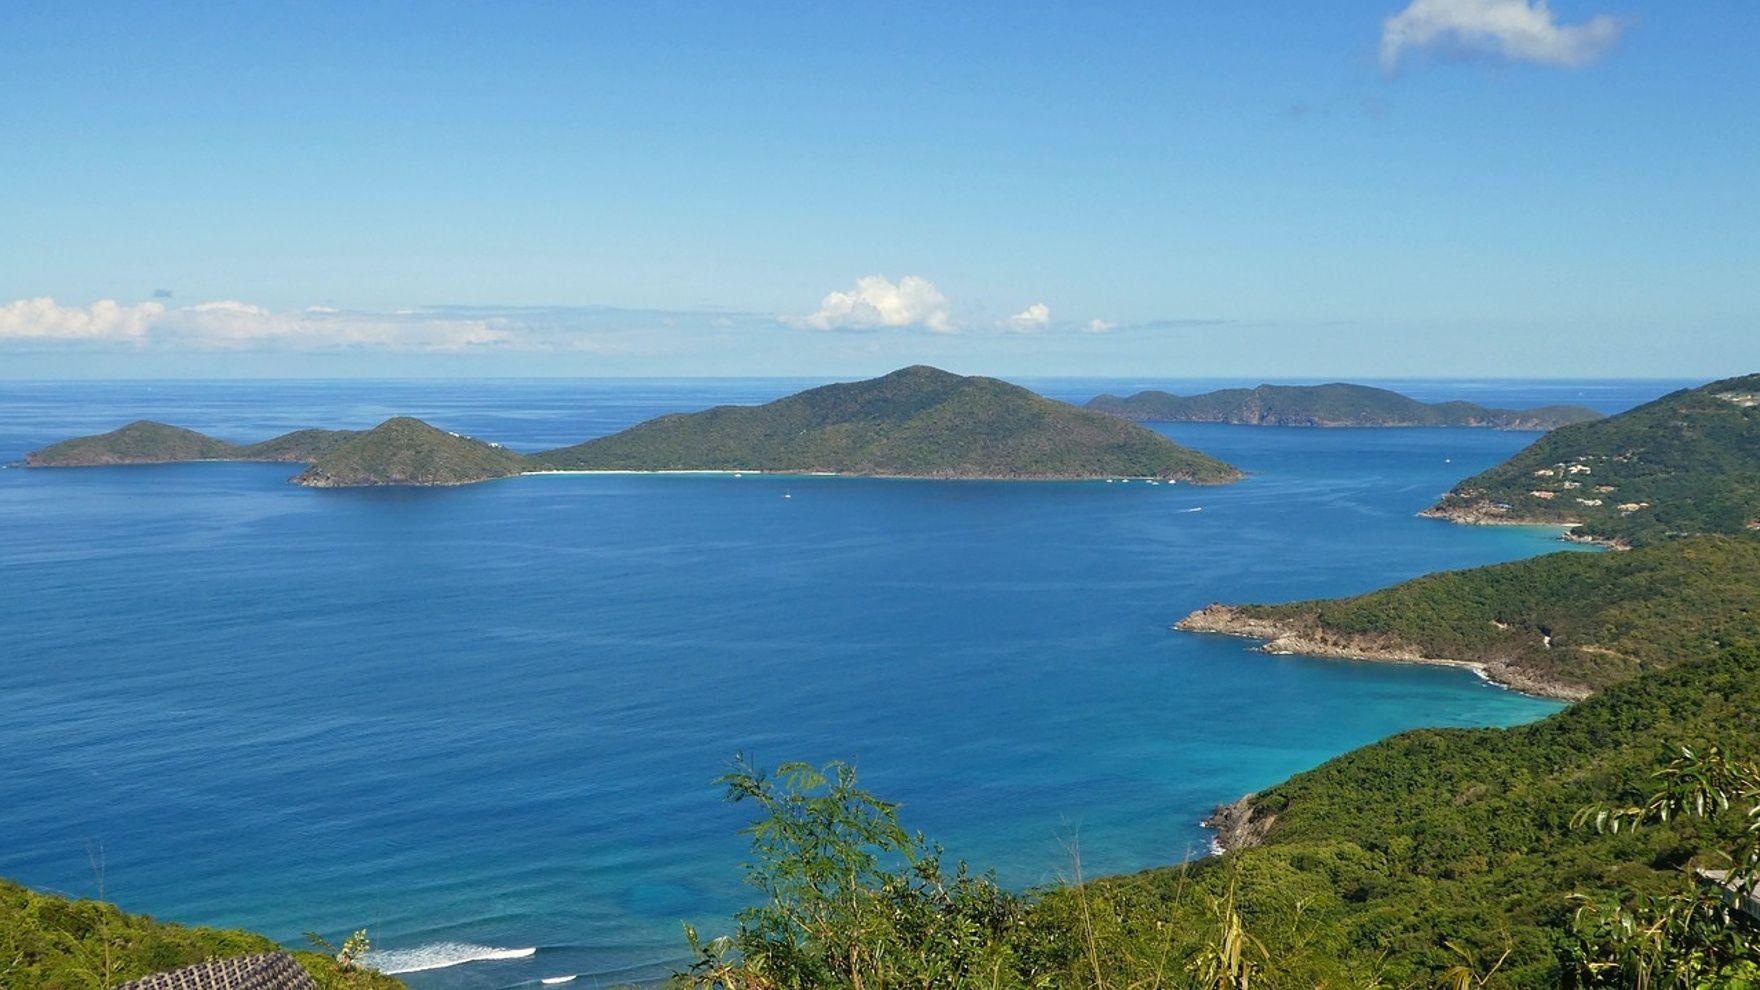 Карибские острова: с Мартиники на Тобаго Кейс и обратно